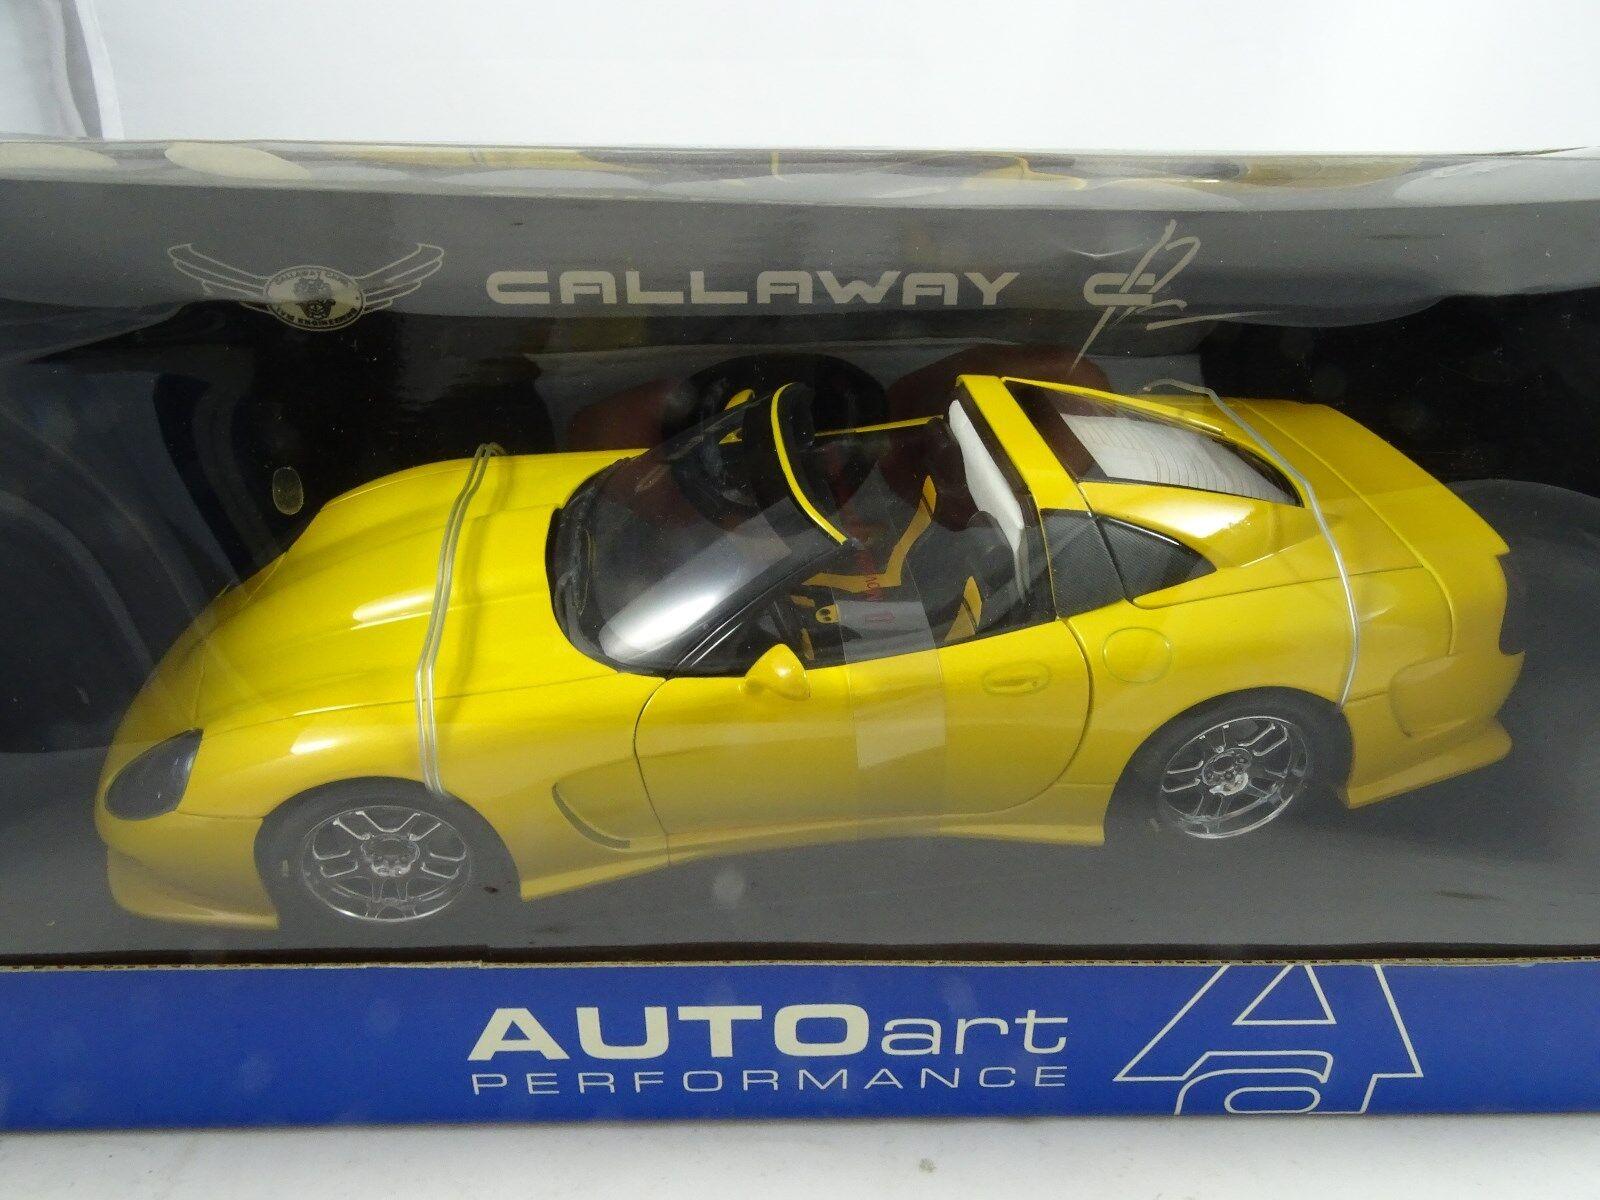 1 18 Autoart Callaway C12 giallo - Rareza§